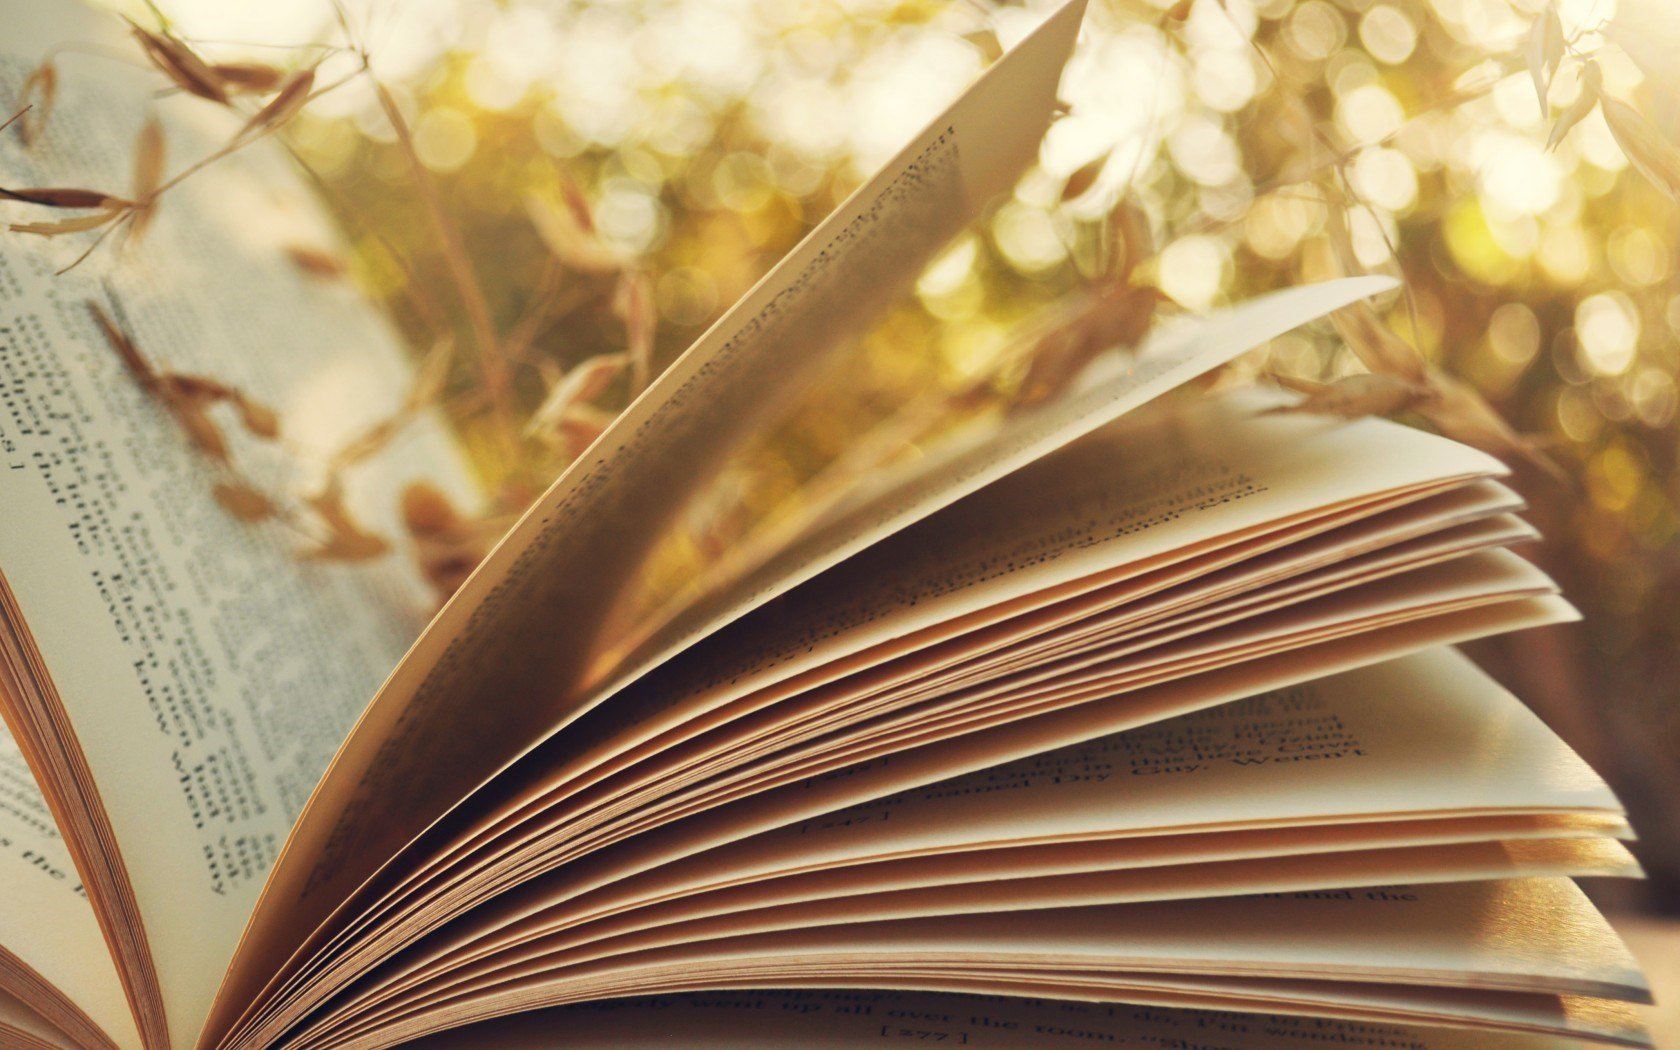 47 Book Desktop Wallpaper On Wallpapersafari